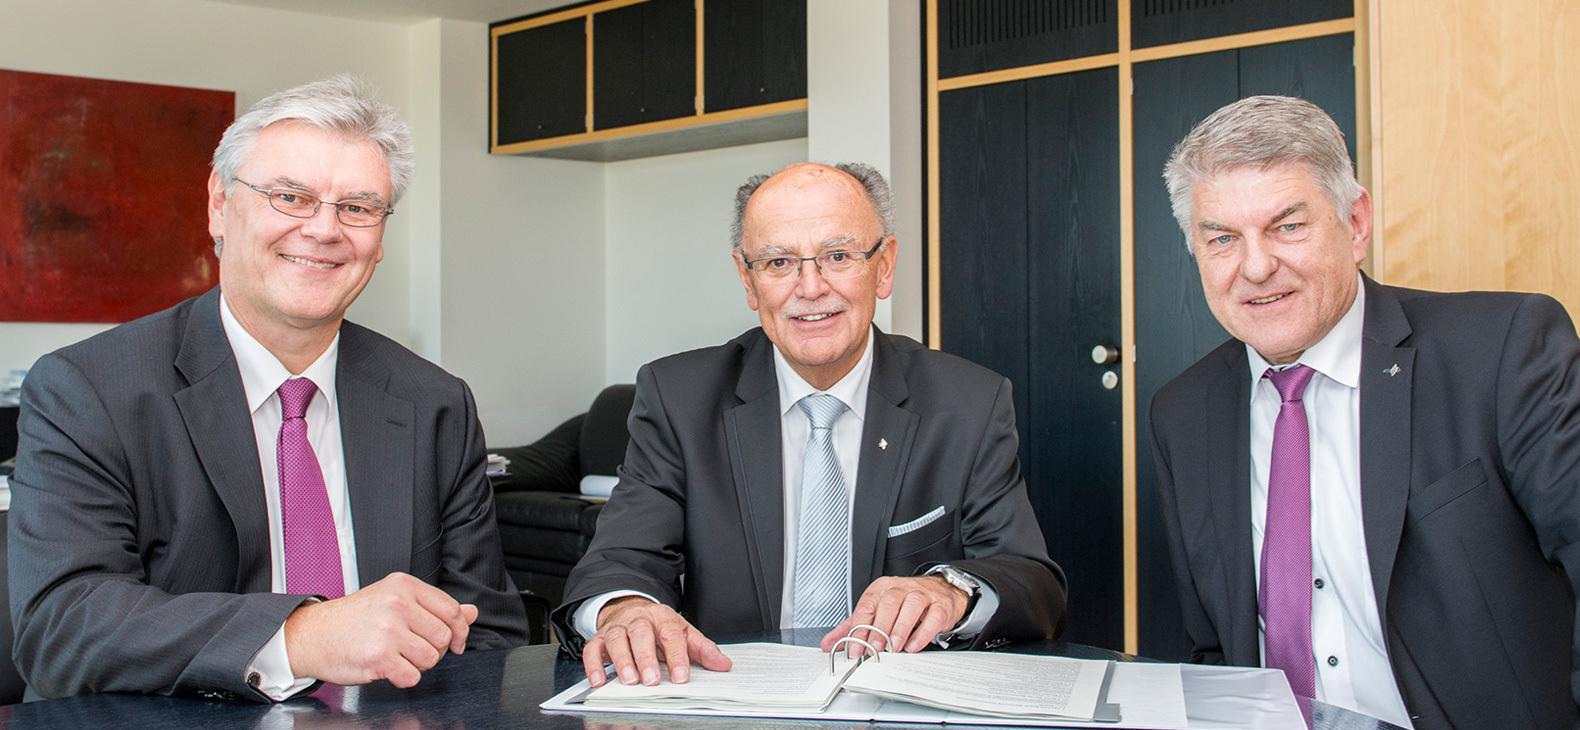 Das neu gewählte Bezirkstagspräsidium von Oberbayern: Von Links: der stellvertretende Bezirkstagspräsident ist Rainer Schneider (Freie Wähler), Bezirkstagspräsident Josef Mederer (CSU) und der weitere stellvertretende Bezirkstagspräsident Michael Asam (SPD)